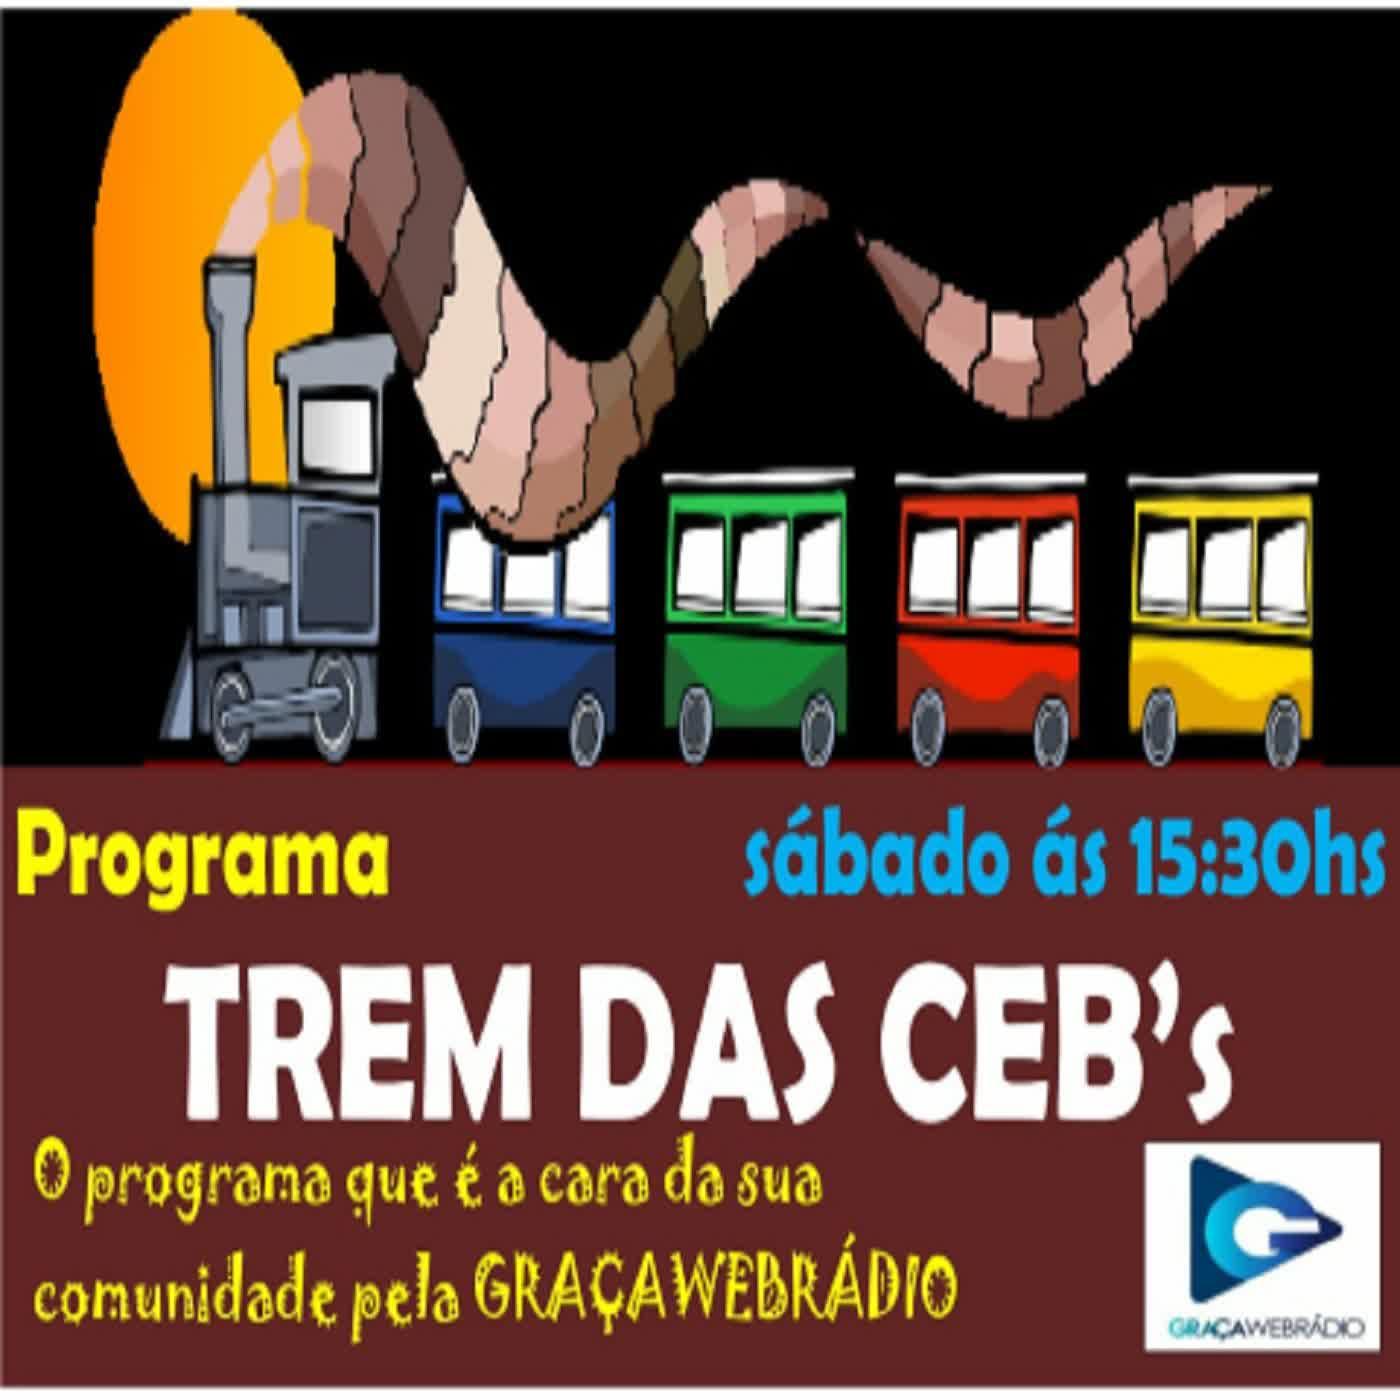 PGM TREM DAS CEB'S